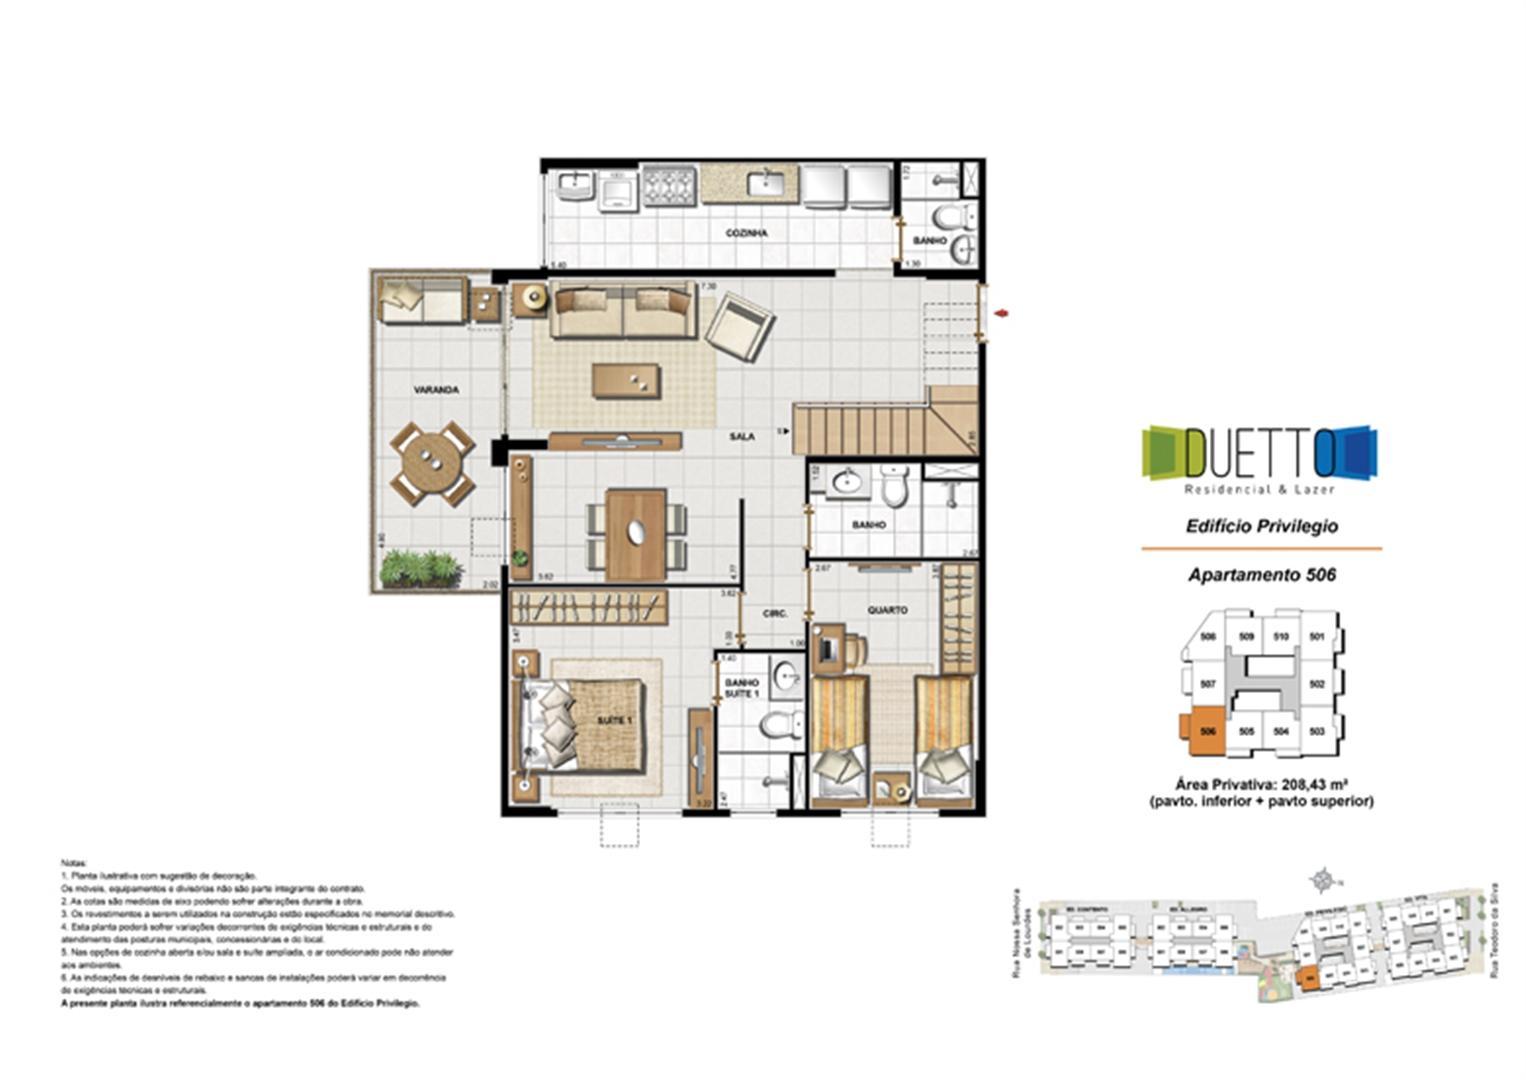 Cobertura Duplex - 3 Quartos com suíte - 208,43m² - pavto inferior+ pavto superior (2) | Duetto Residencial & Lazer – Apartamento no  Grajaú - Rio de Janeiro - Rio de Janeiro